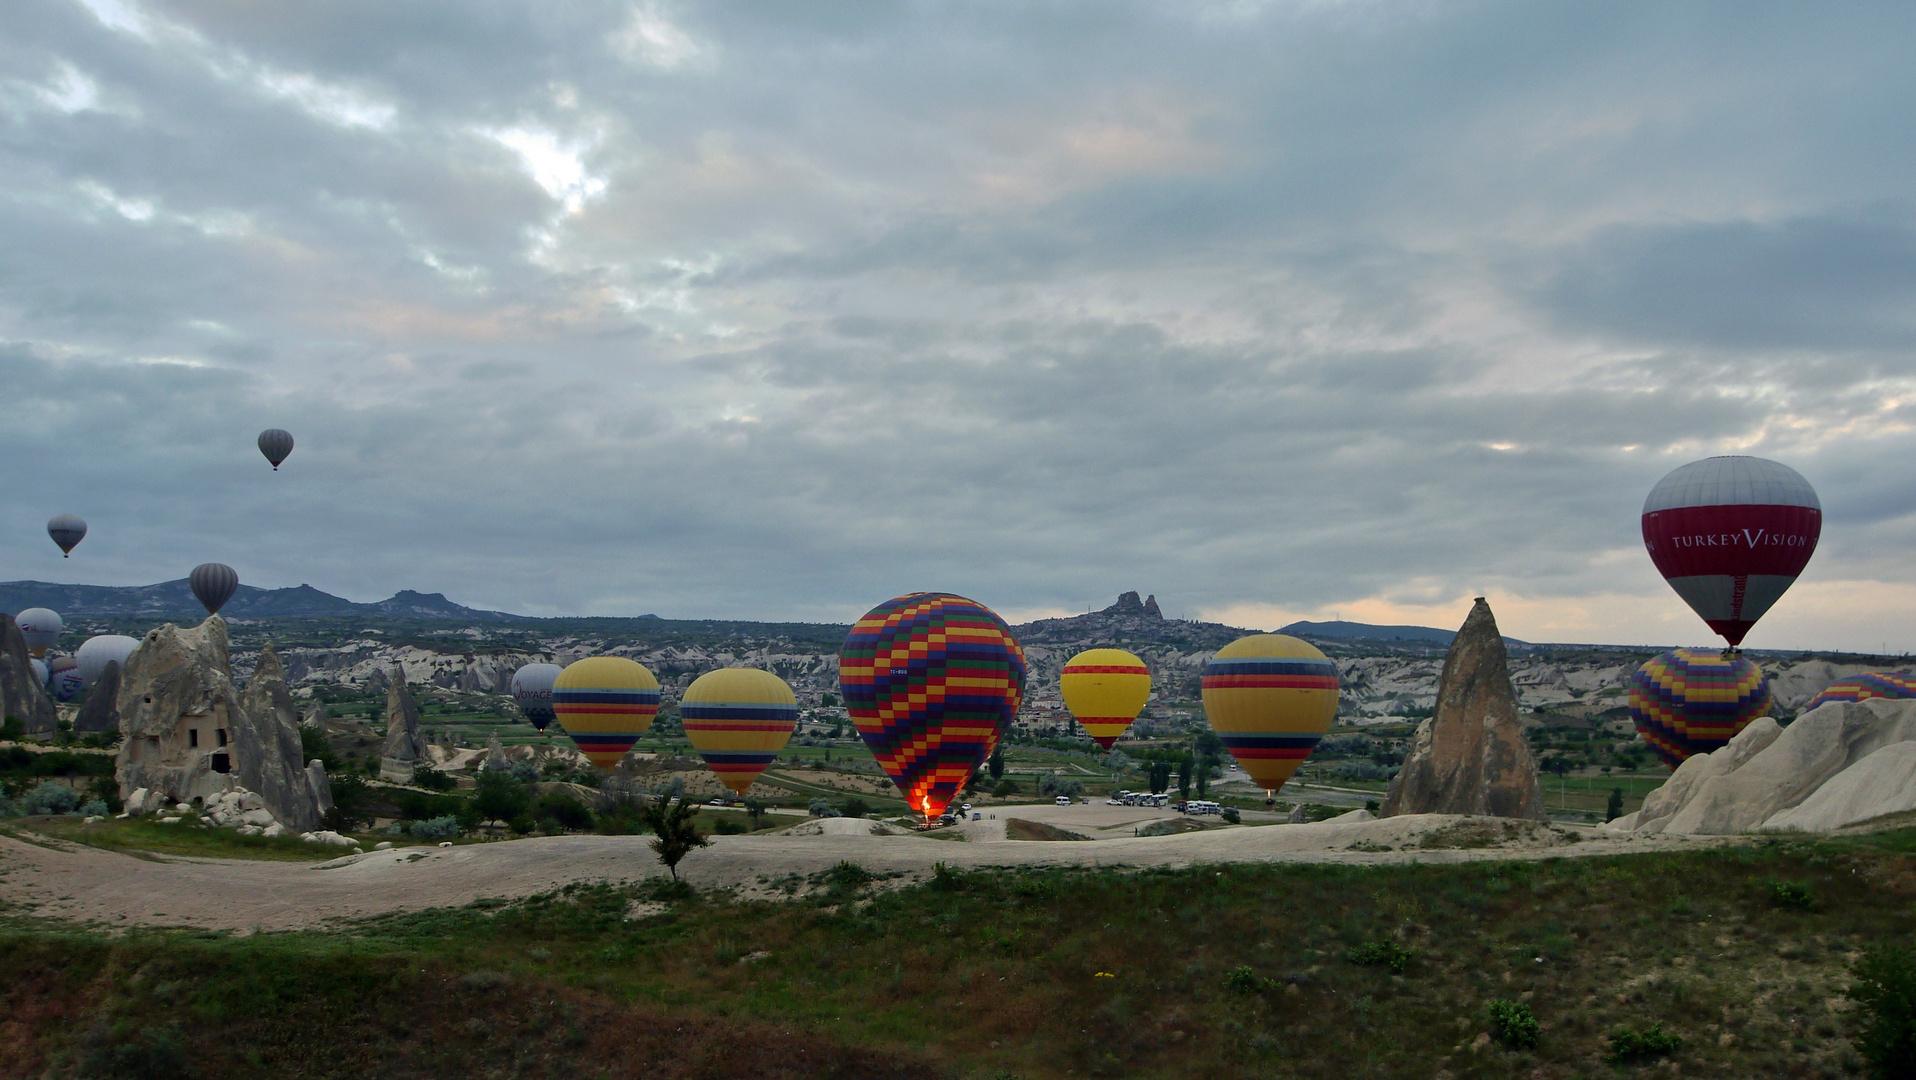 Ballonfahrt vor dem Frühstück